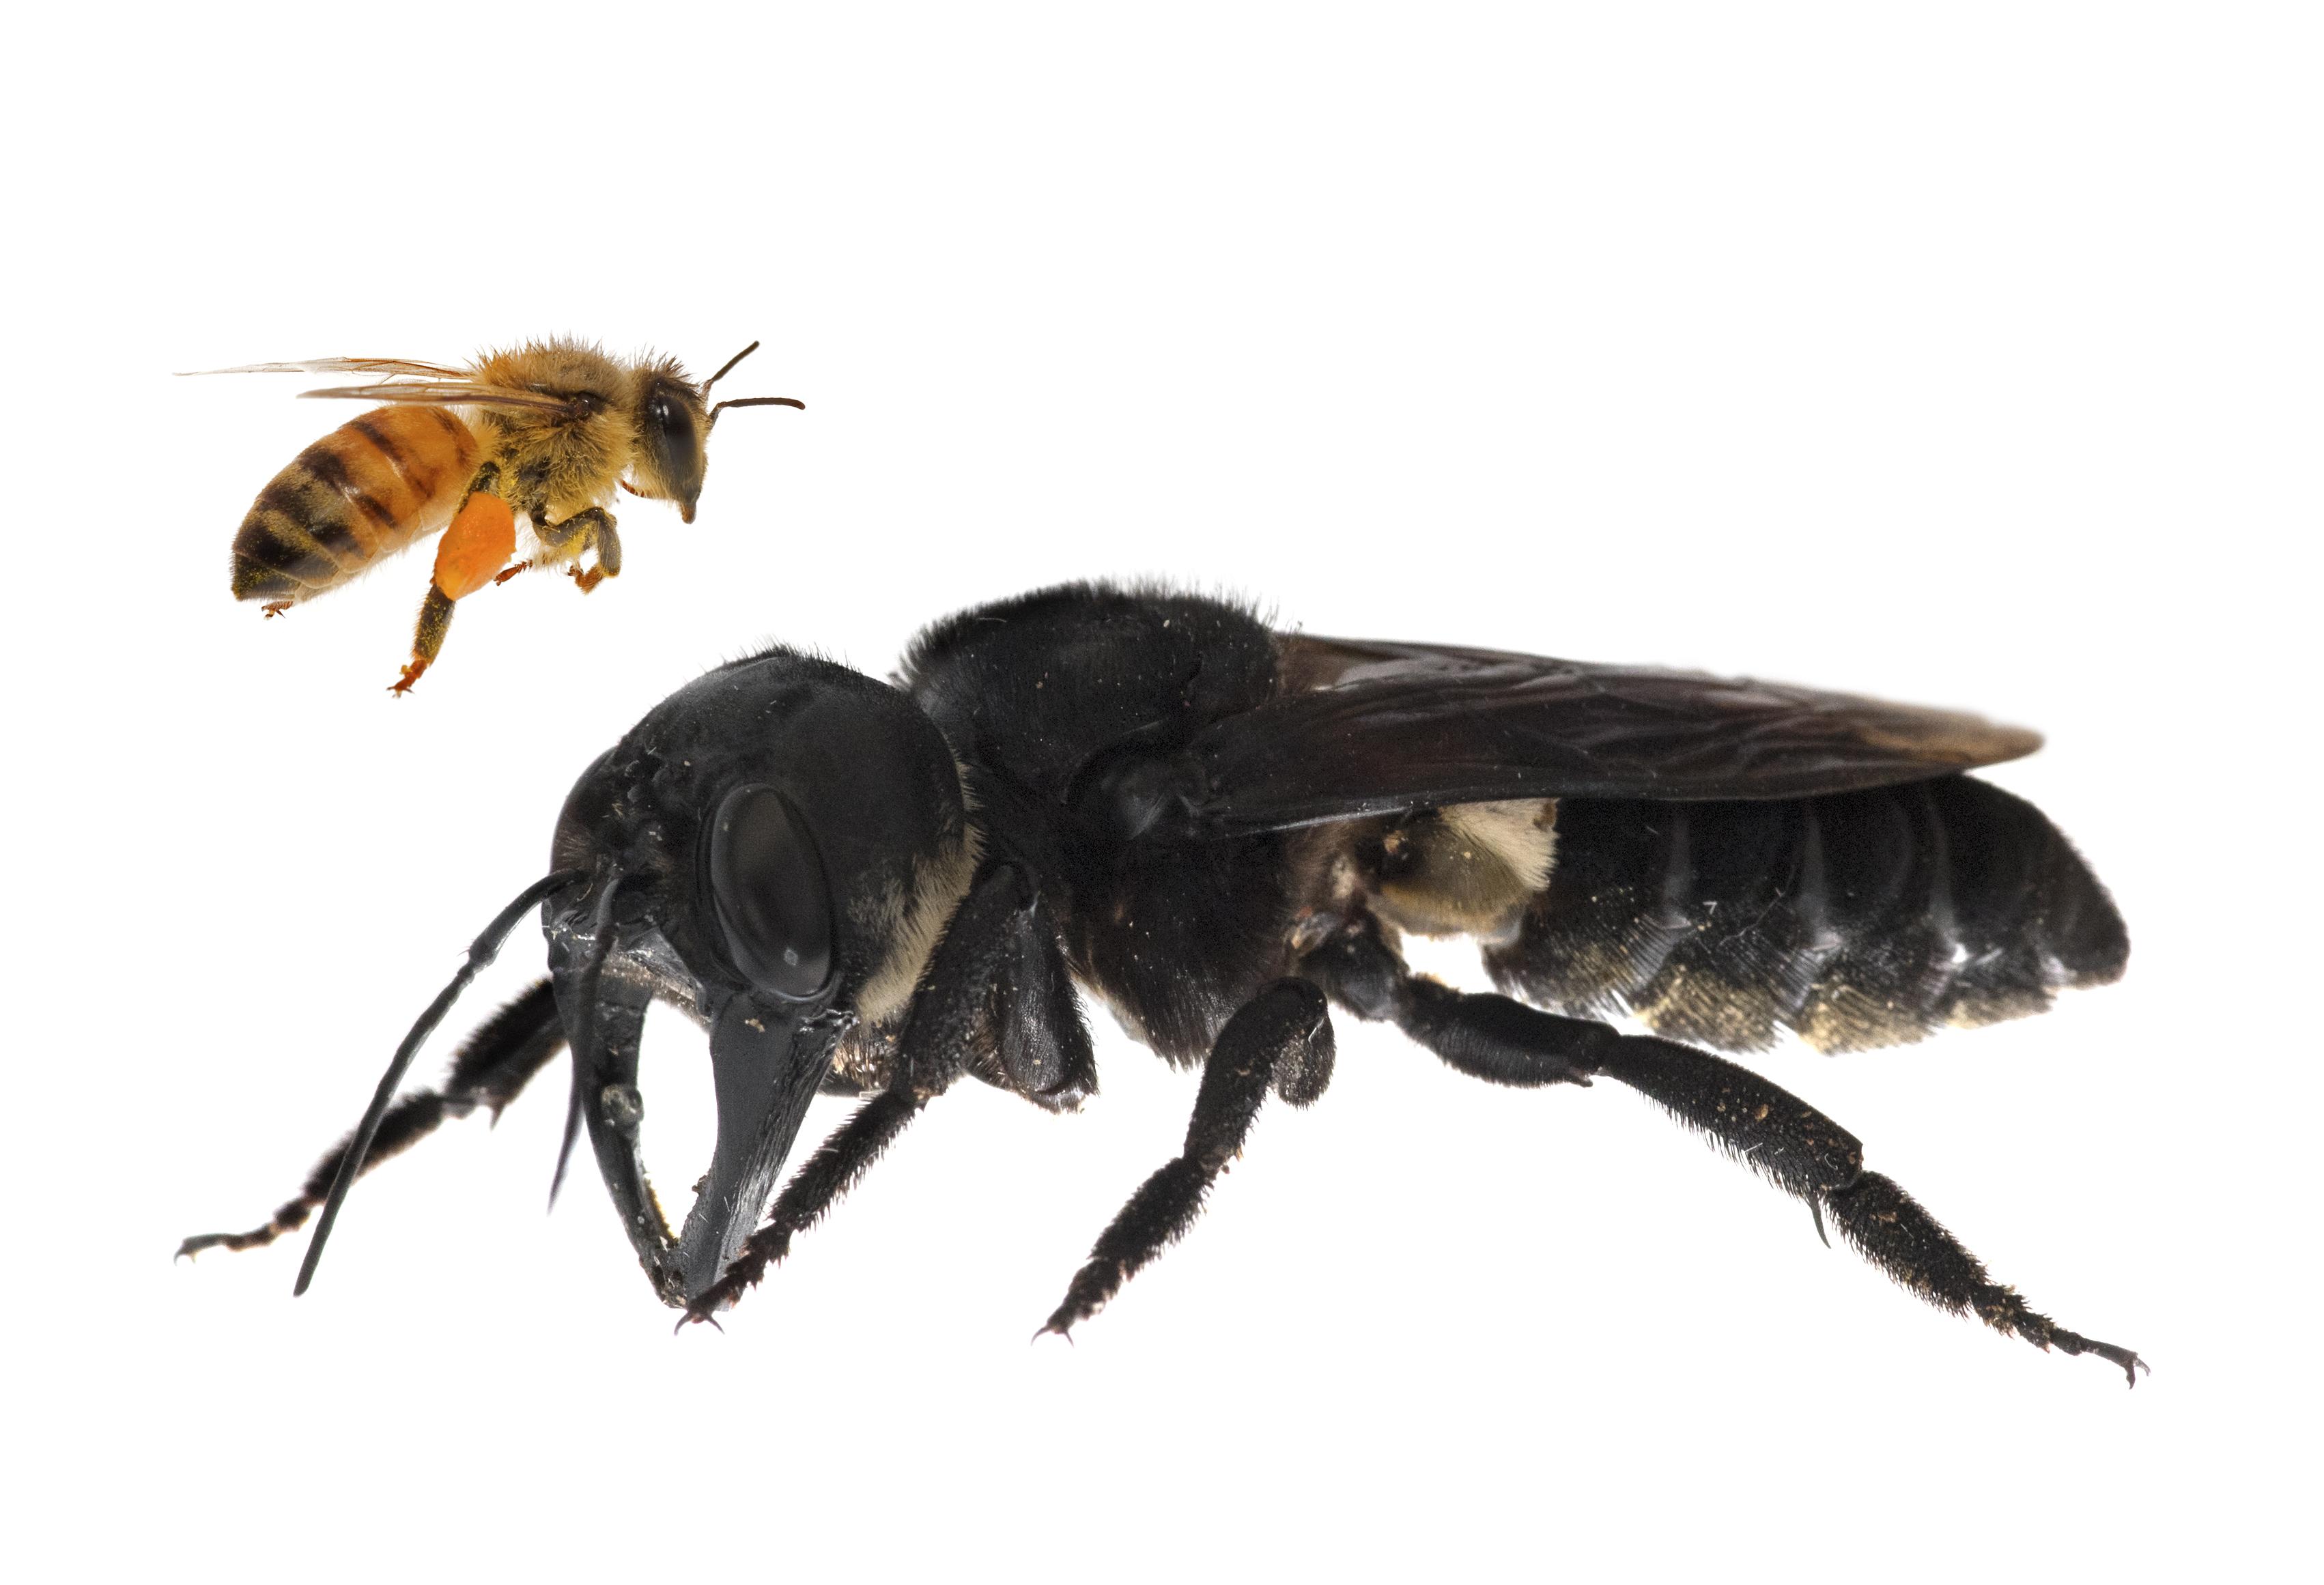 Гигантская пчела Уоллеса, самый большой известный вид пчёл в мире.